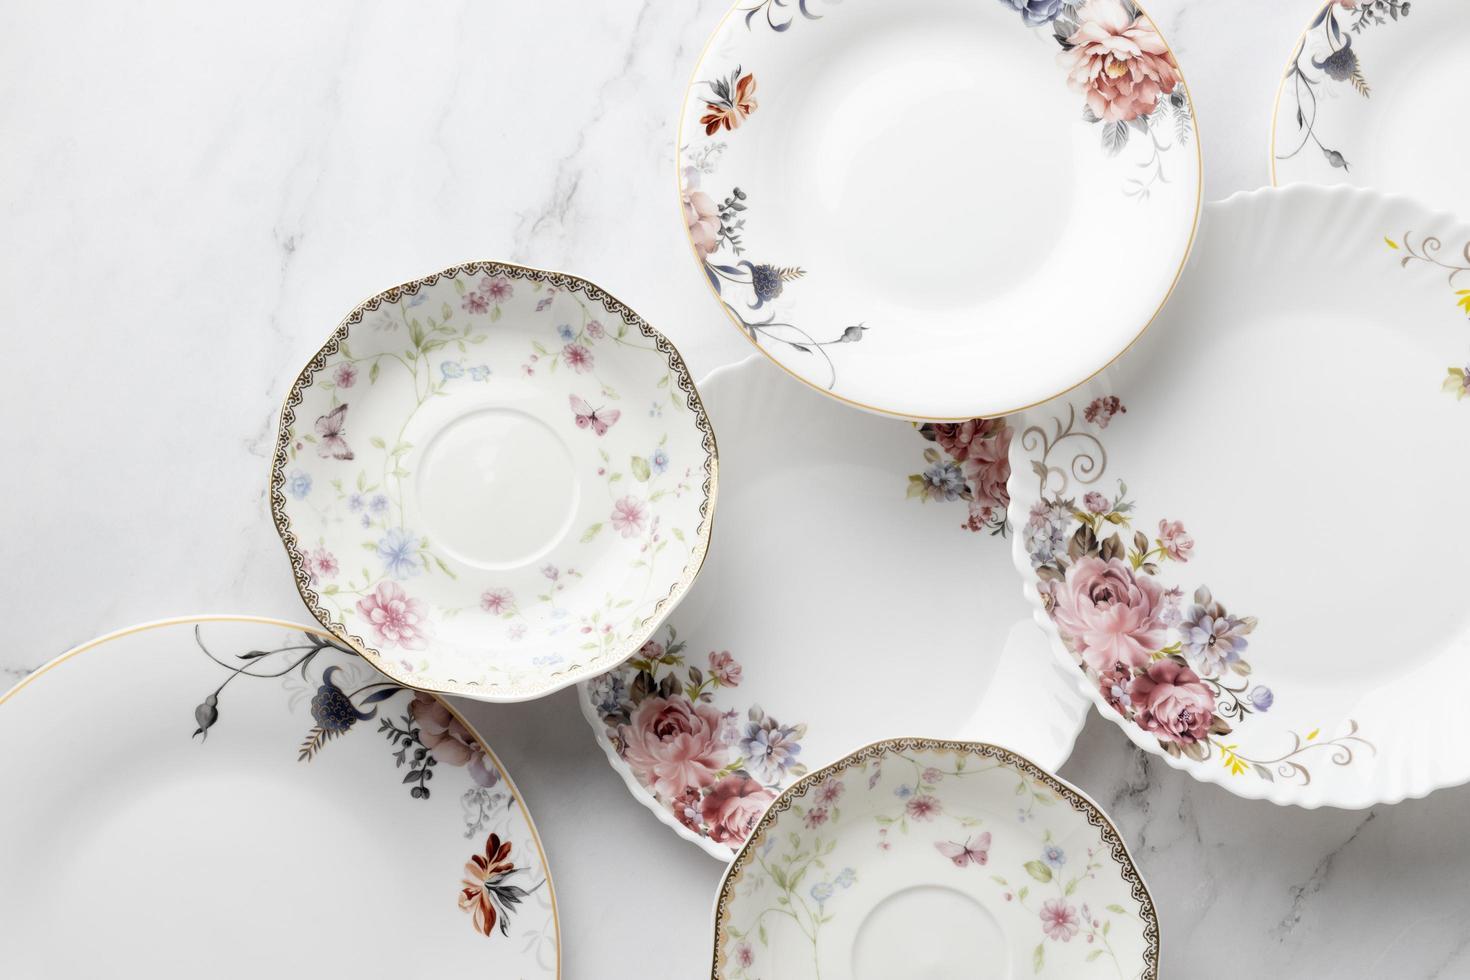 la elegante composición de la fiesta del té foto